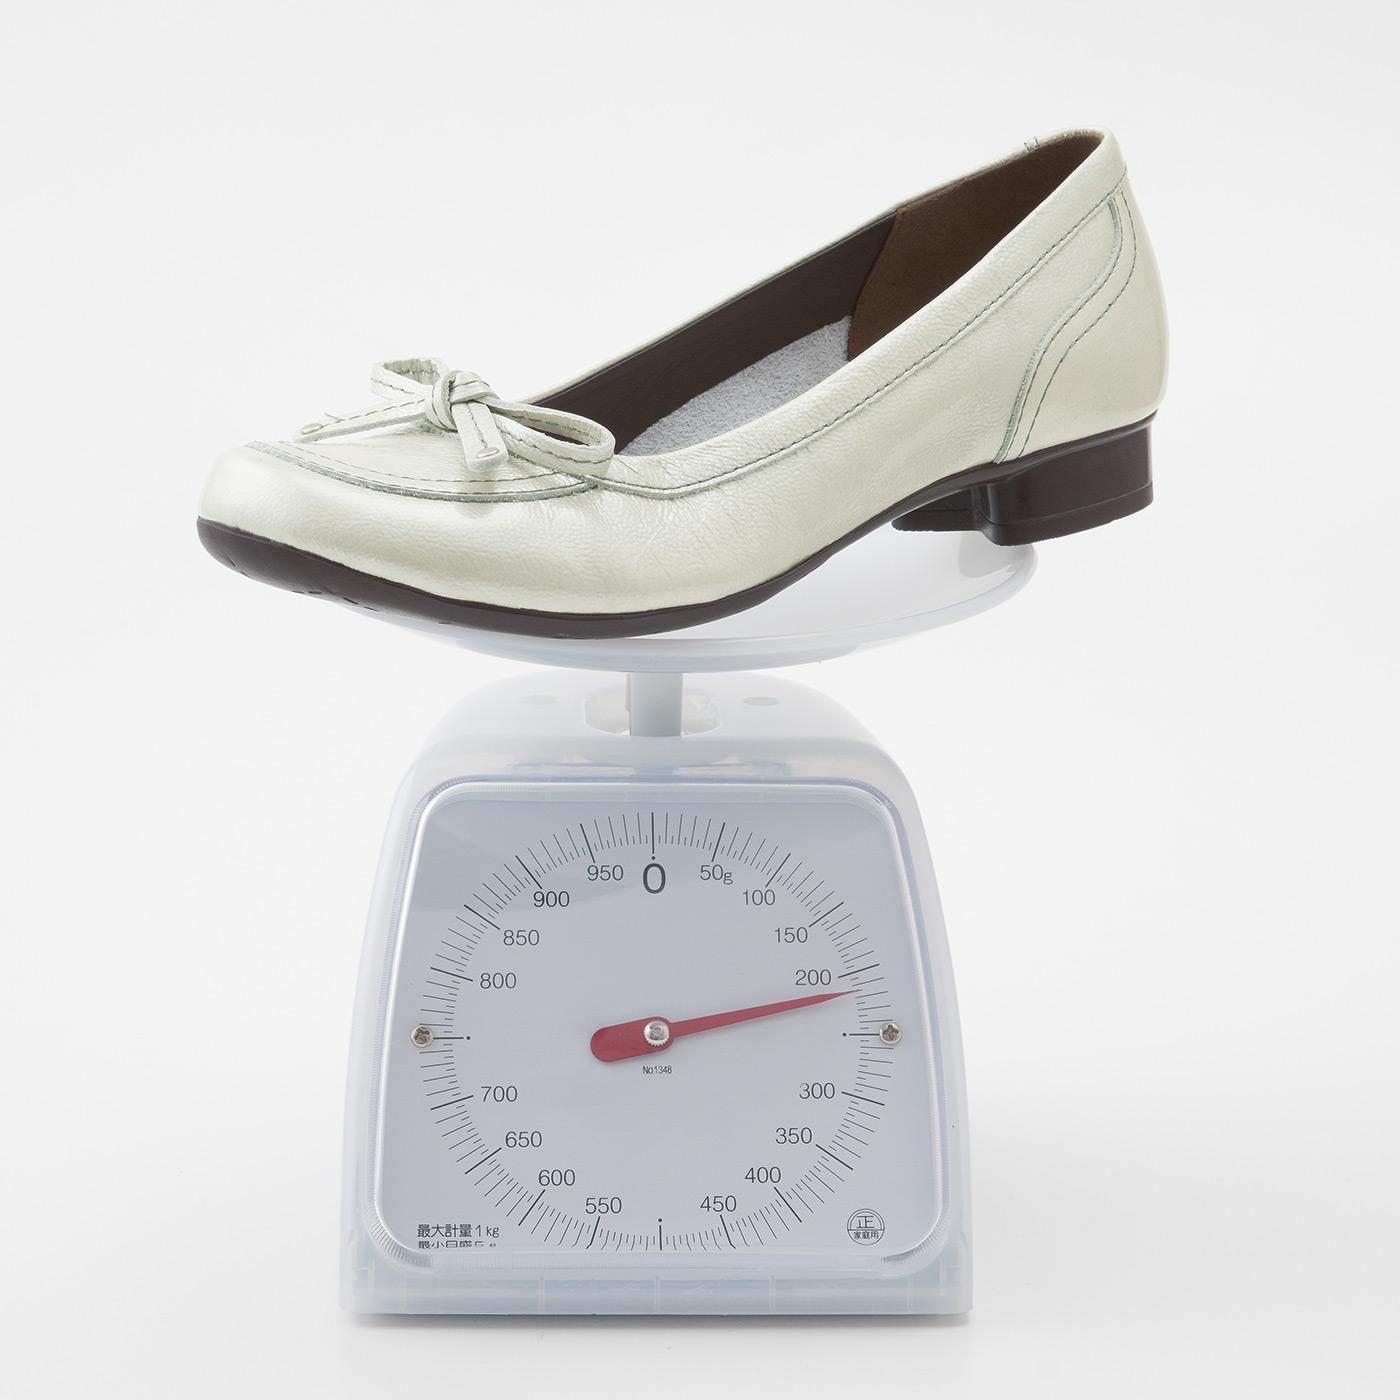 一足(両足)約430g。ショッピングや外まわりのお仕事でも、さっそうと歩ける軽さ。ぐらつきにくい安定感のある約2.5cmヒールも履きやすさのポイント。